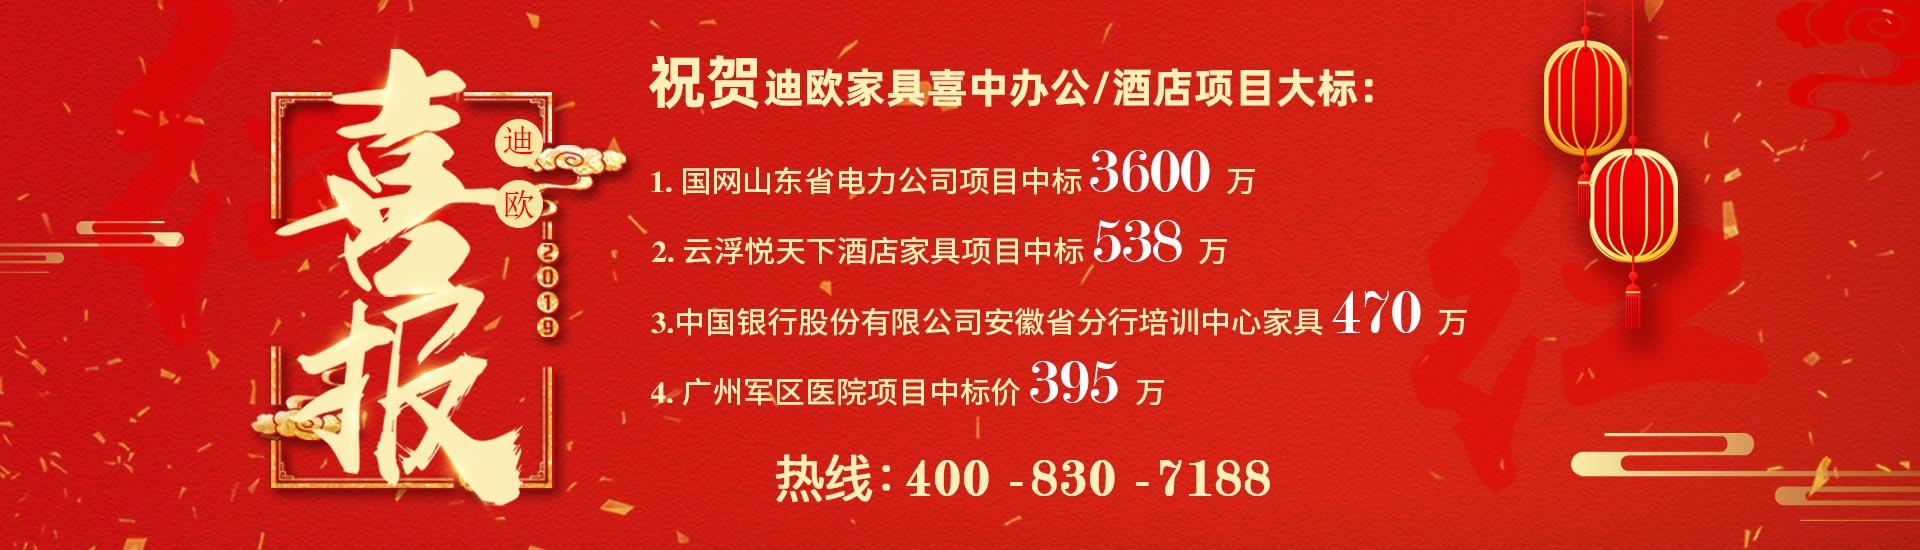 开门红:迪欧家具喜中多个酒店、办公项目千万百万大标